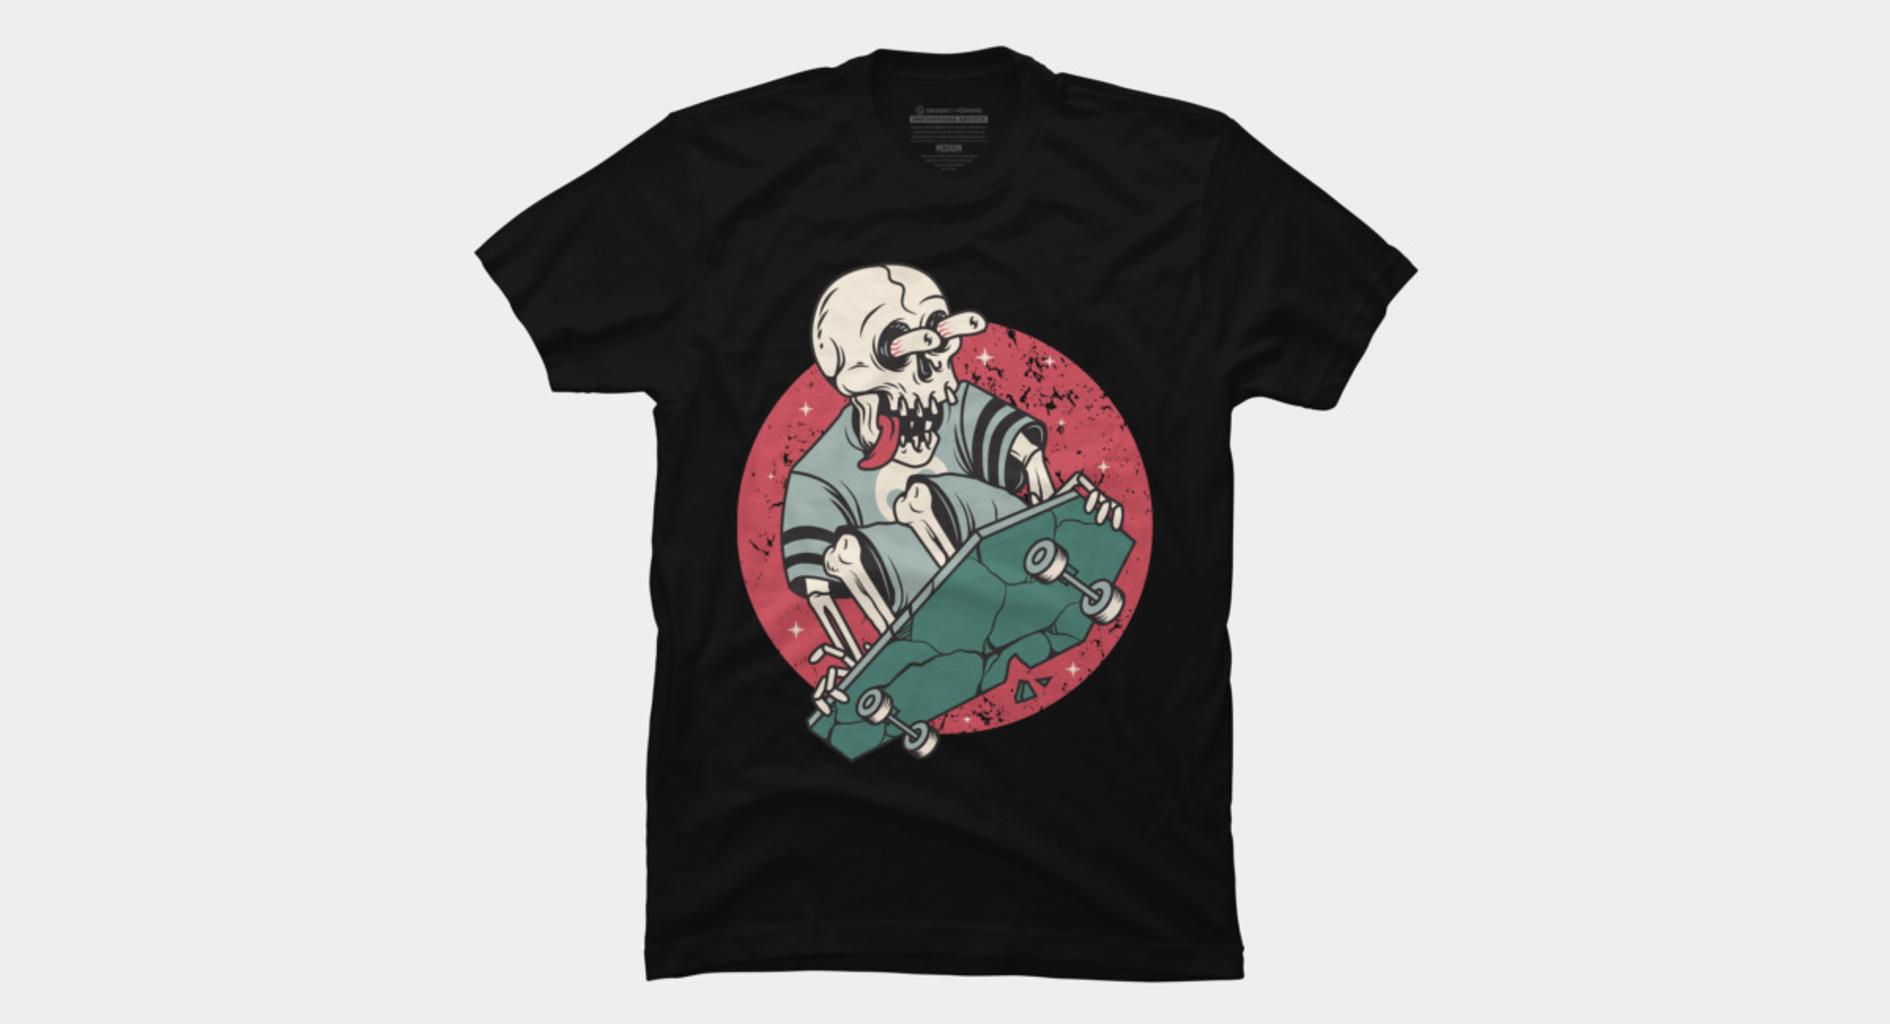 Design by Humans: Skullboarding